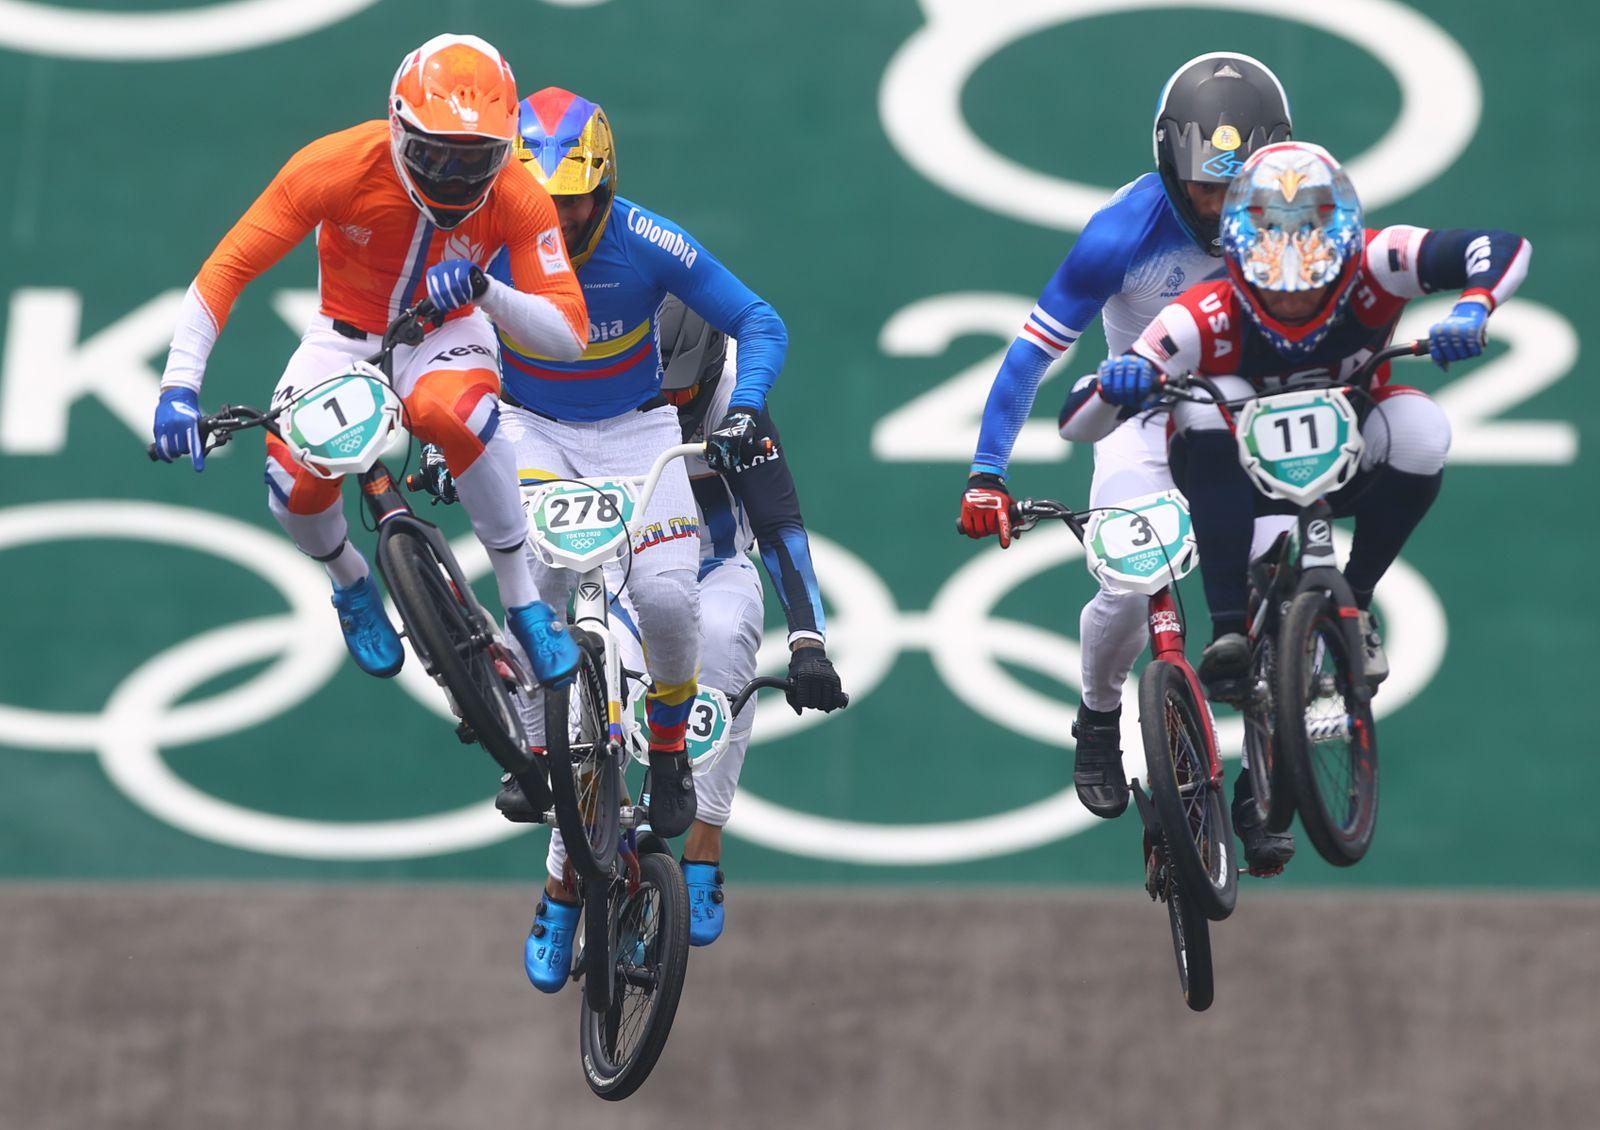 BMX Racing - Men's Individual - Semifinal